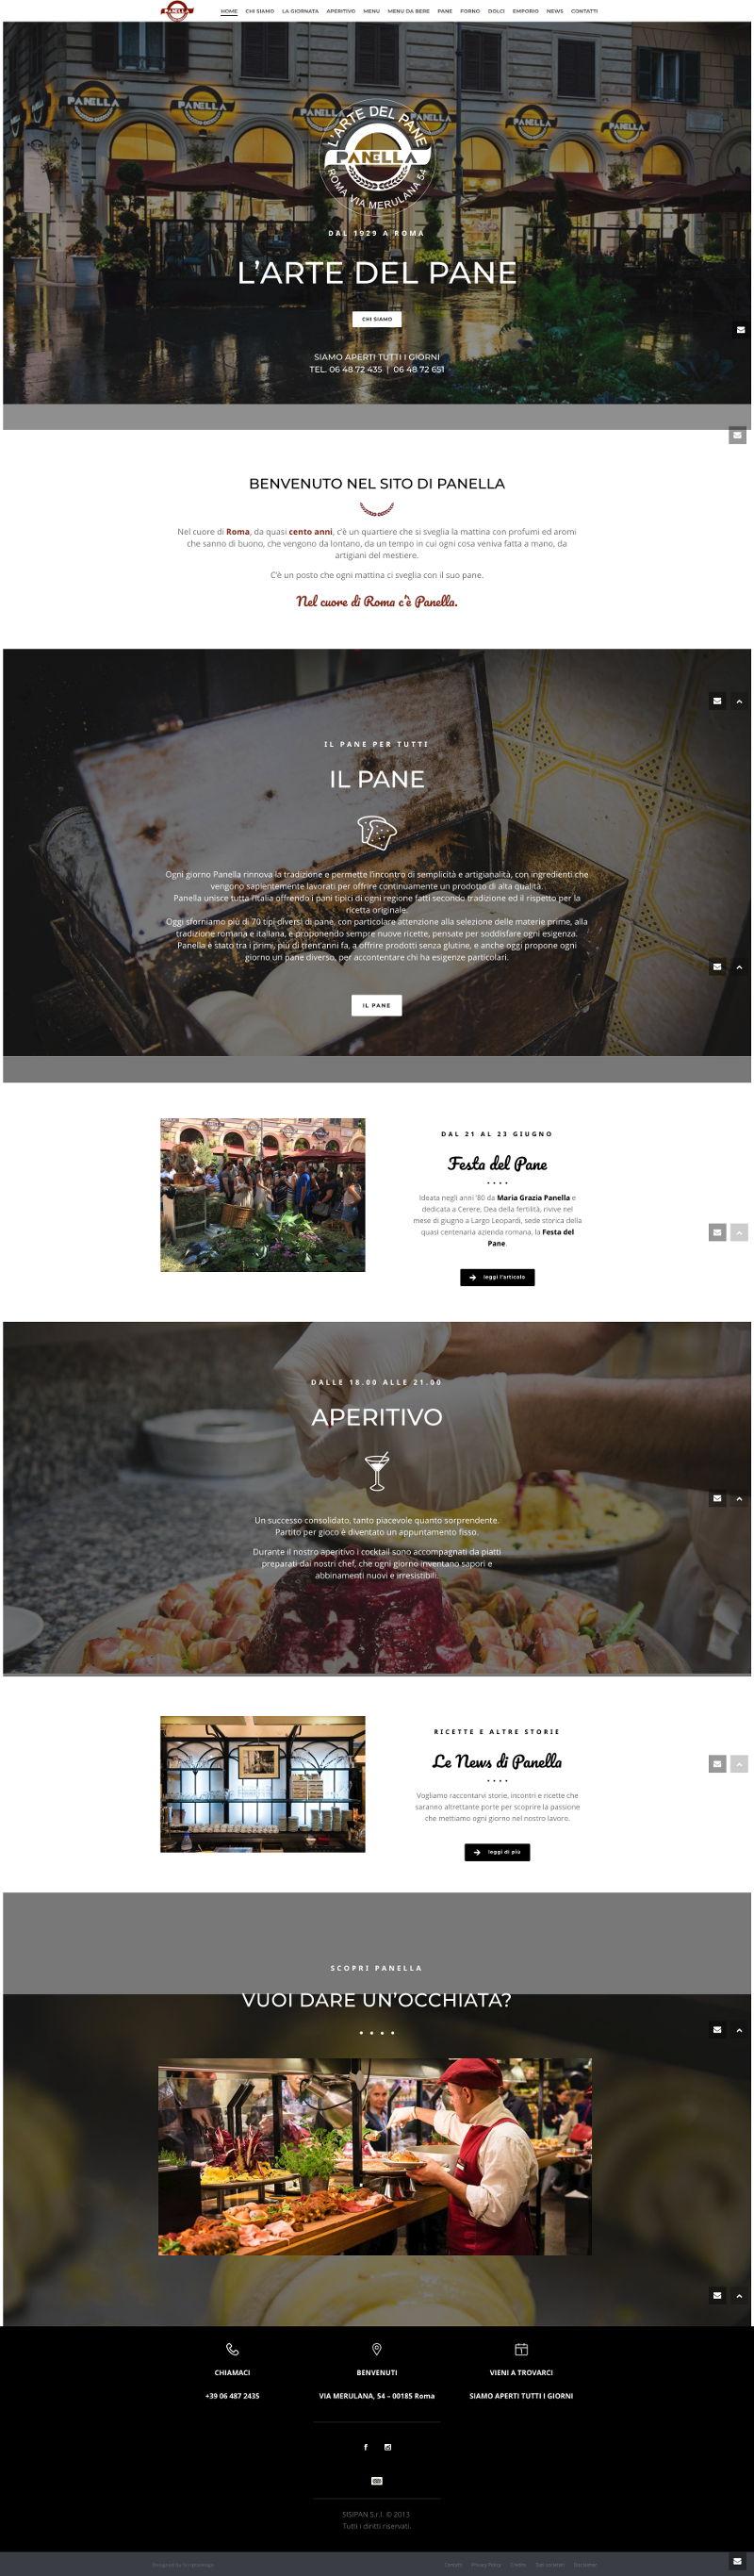 screenshot della homepage del sito Panella